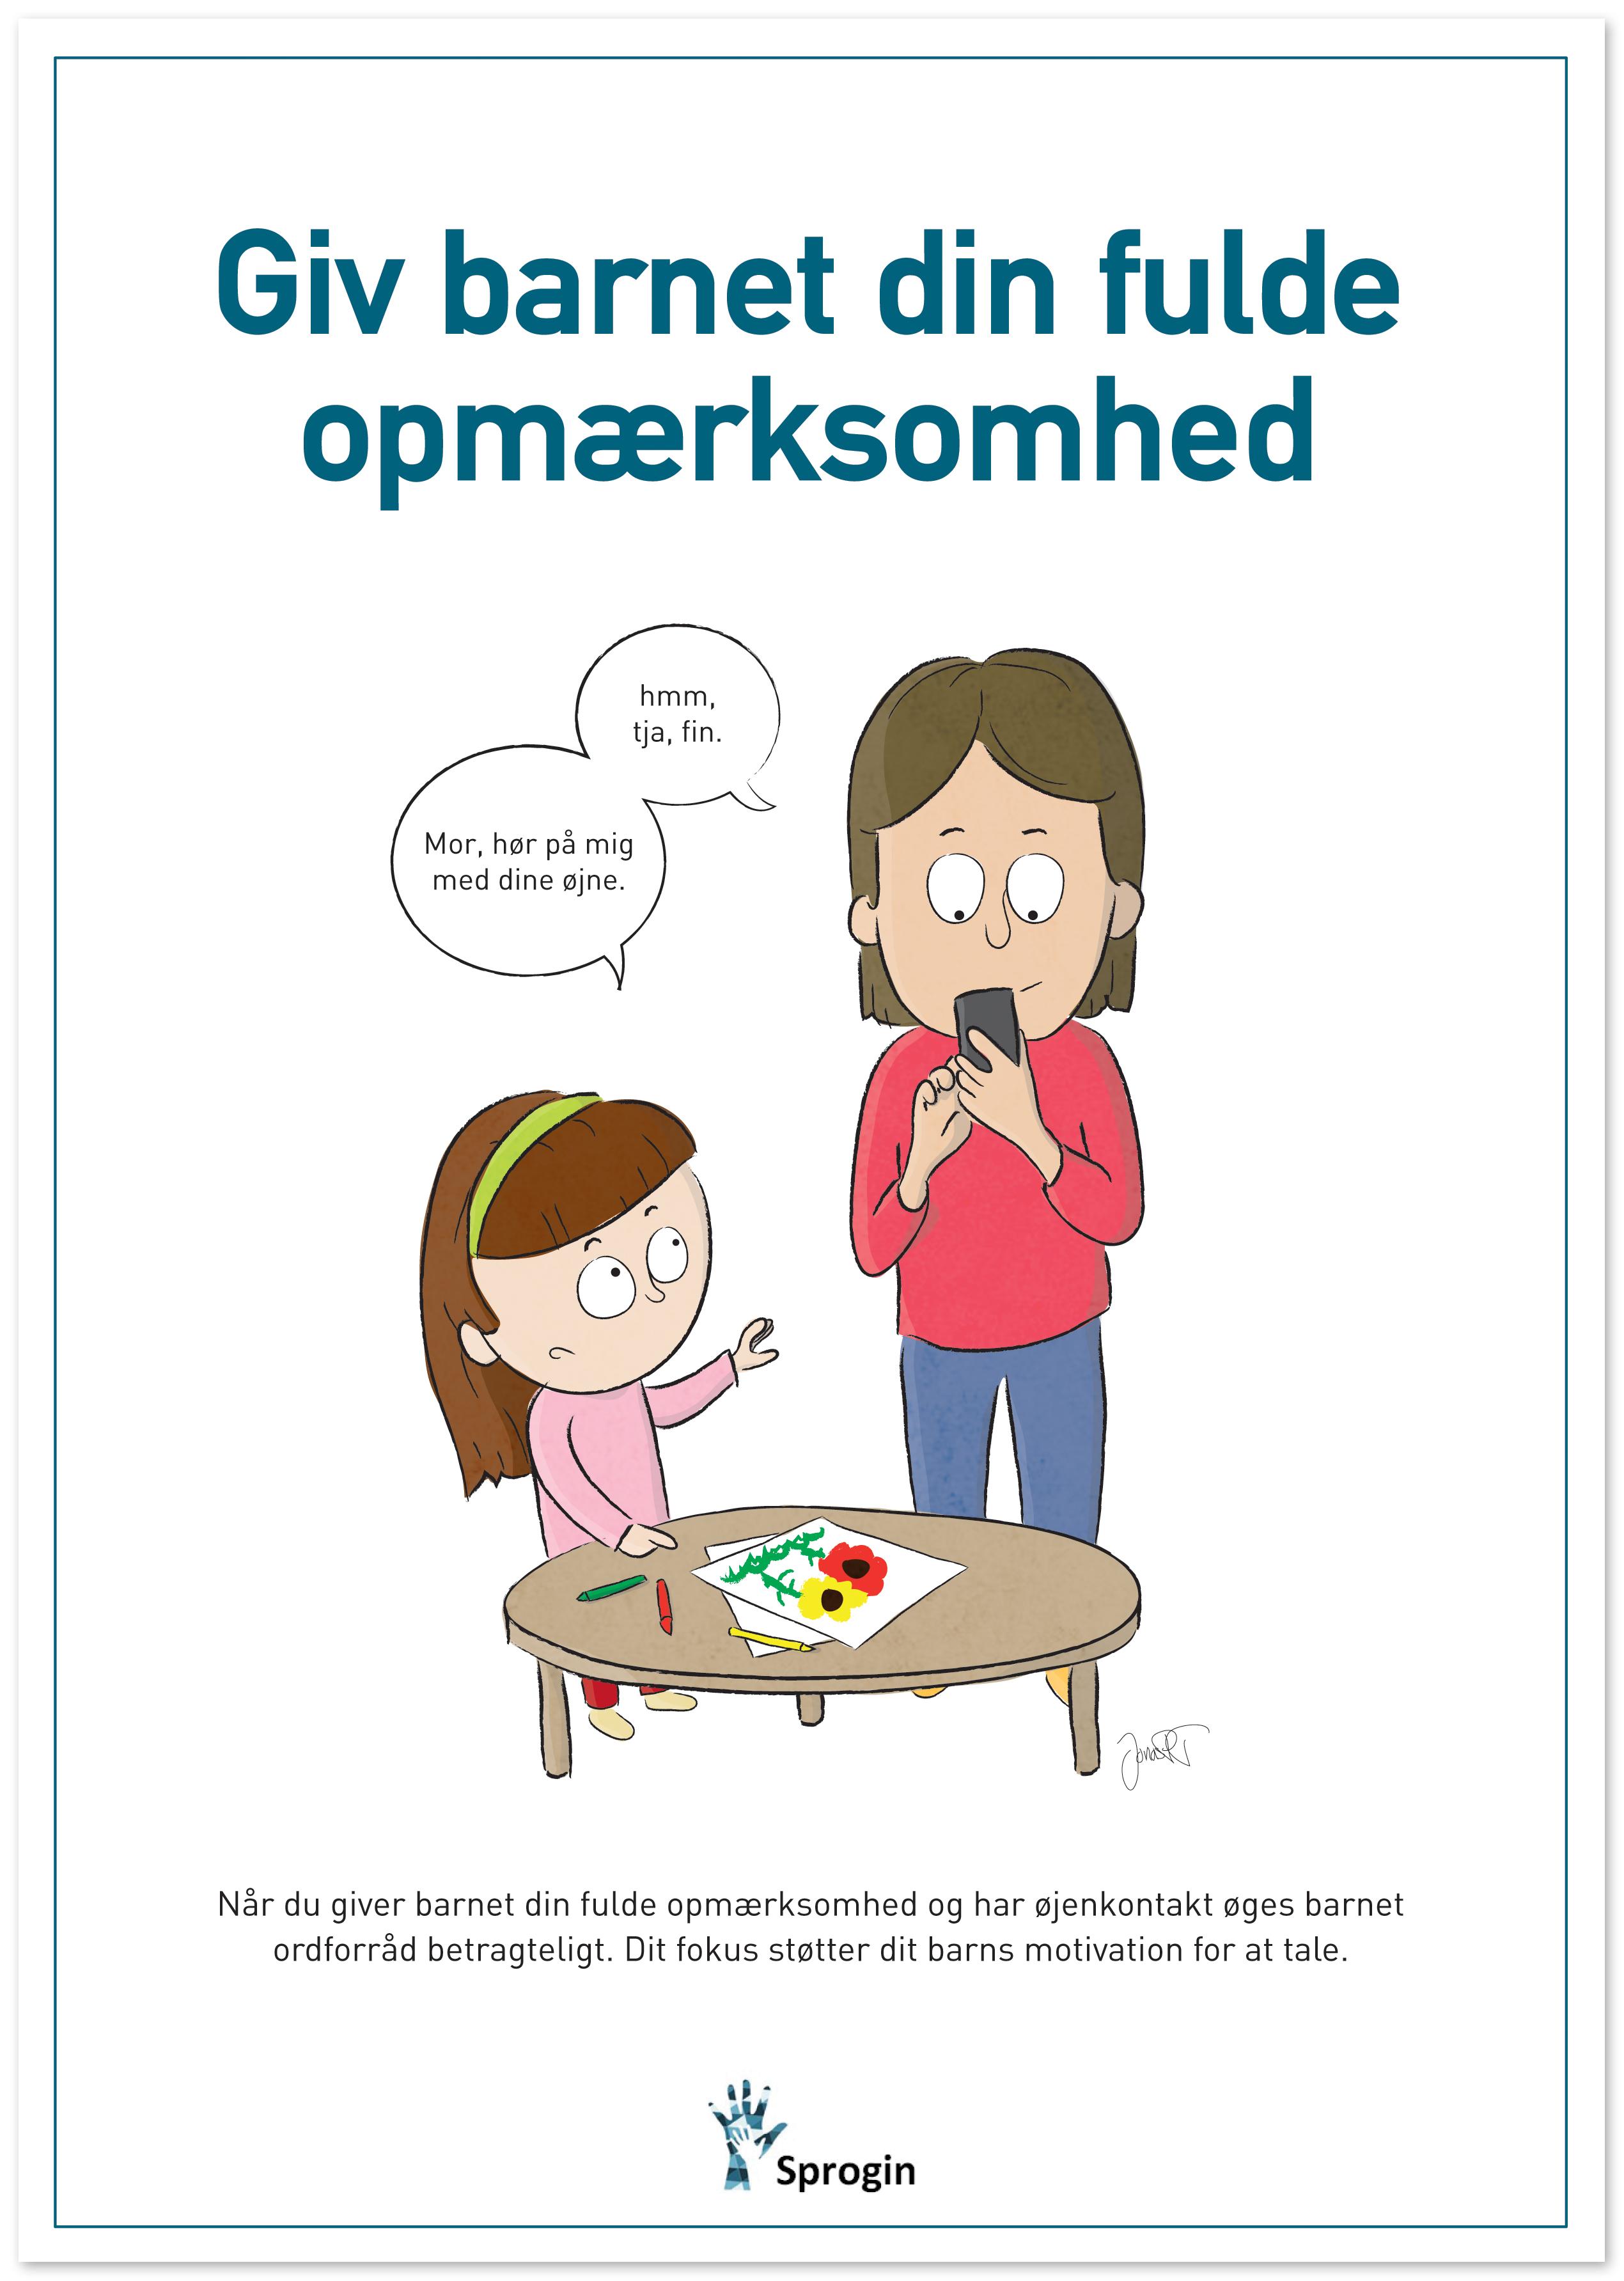 Copyright Sprogin.dk